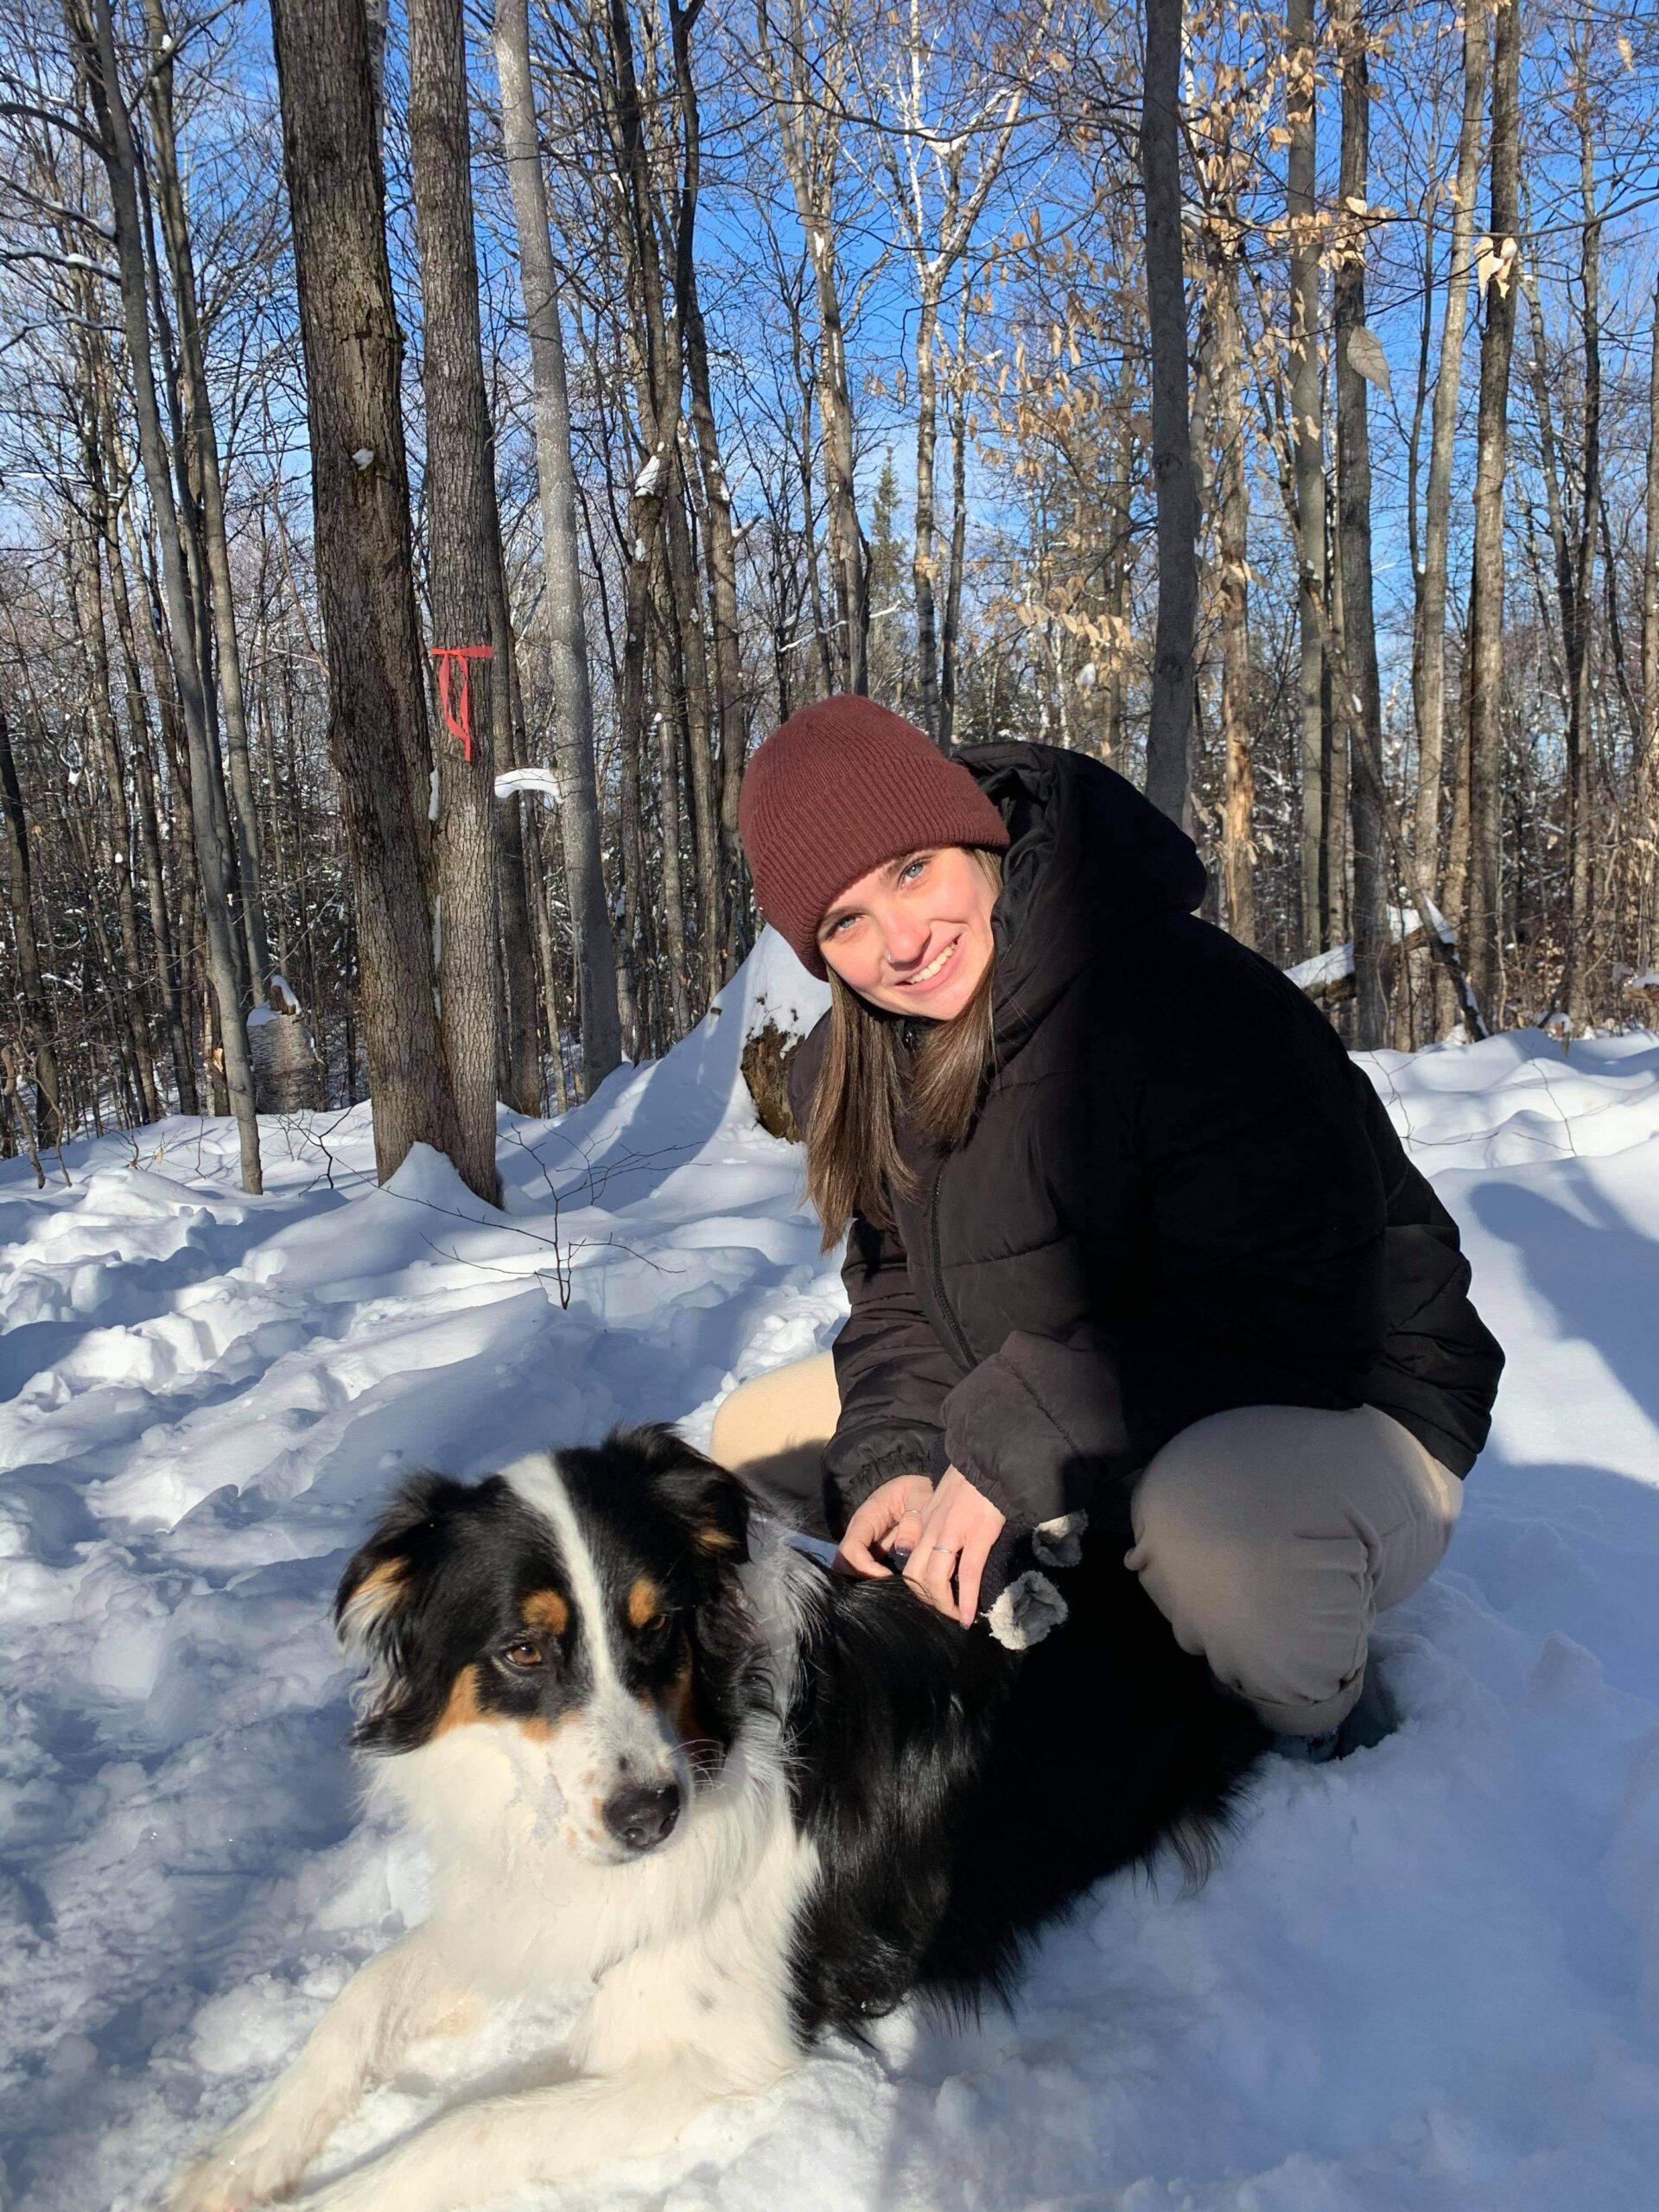 Lexie Moquin | Équipe Clinique vétérinaire du domaine vert, Mirabel